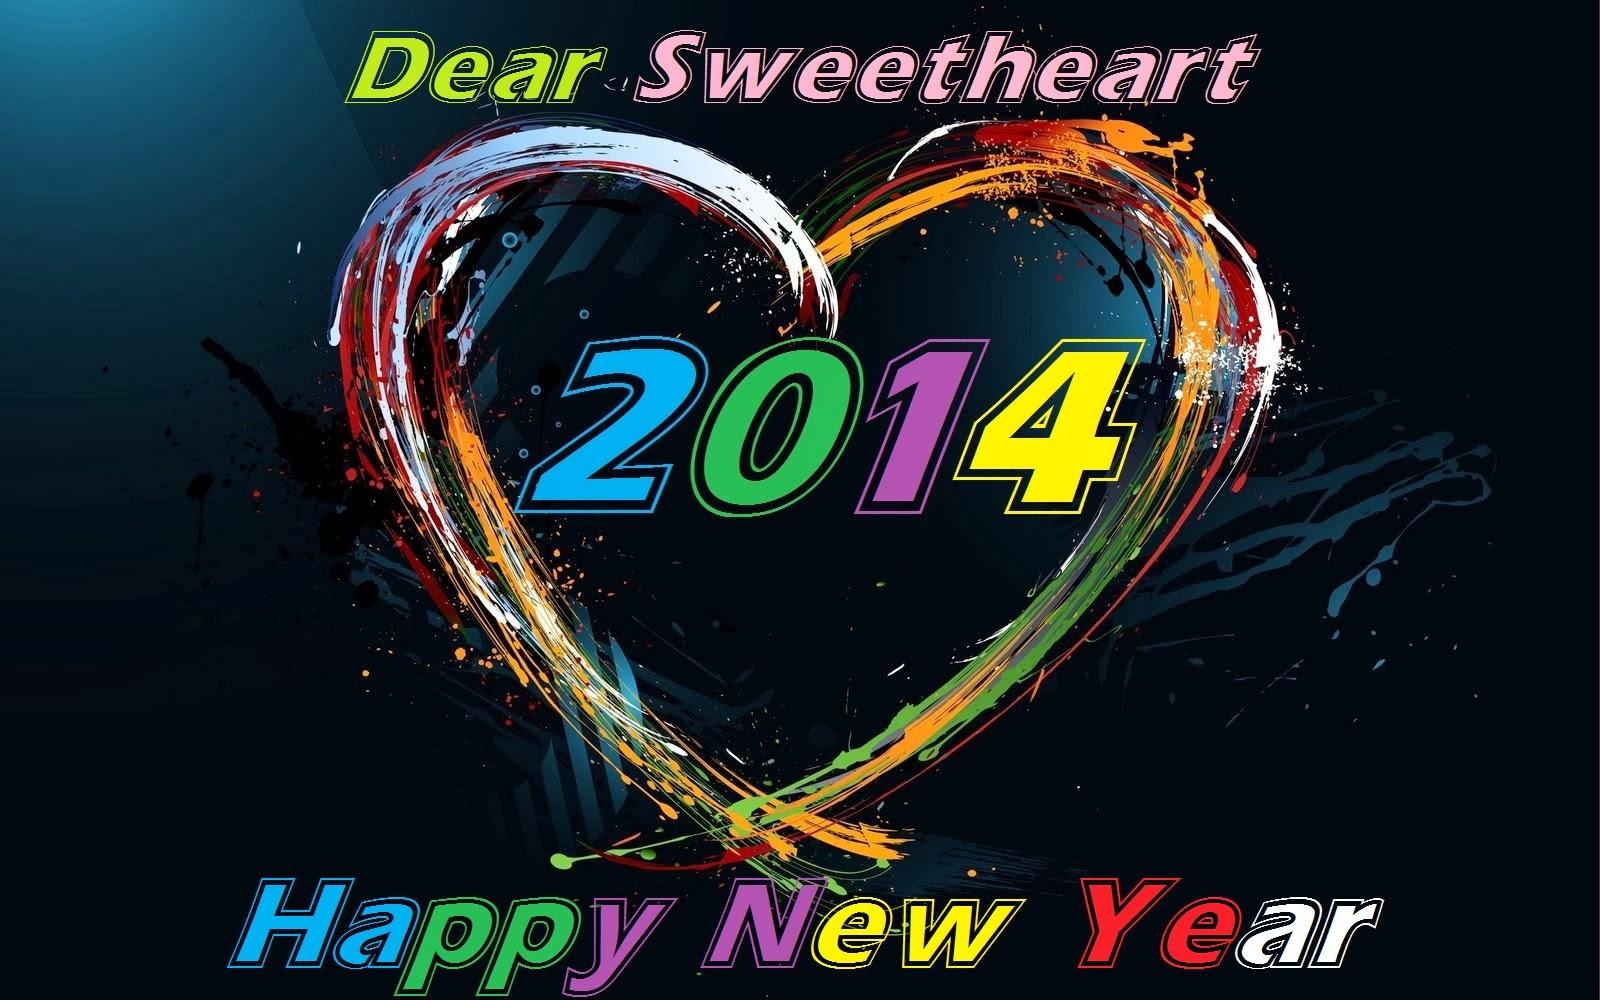 உறவுகளுக்கு (2014) புத்தாண்டு நல் வாழ்த்துக்கள்  Happy+New+Year+2014+Best+Graphics+Images+-+141